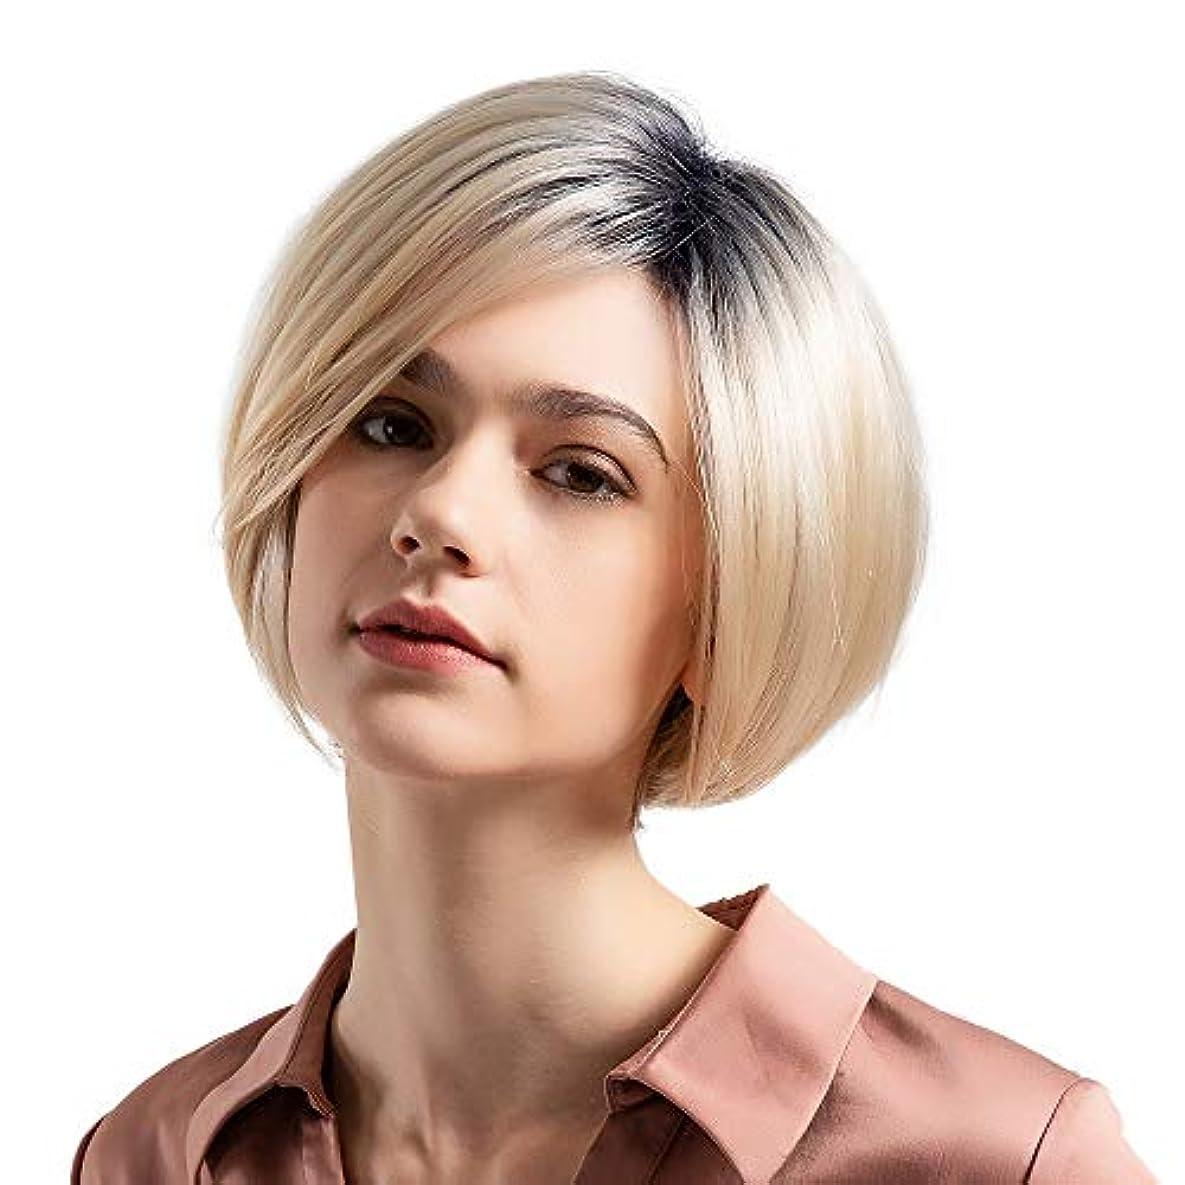 飲み込むはさみ反発するウィッグショートボブストレートヘア50%リアルヘアウィッグ女性のファッショングラデーションウィッグ